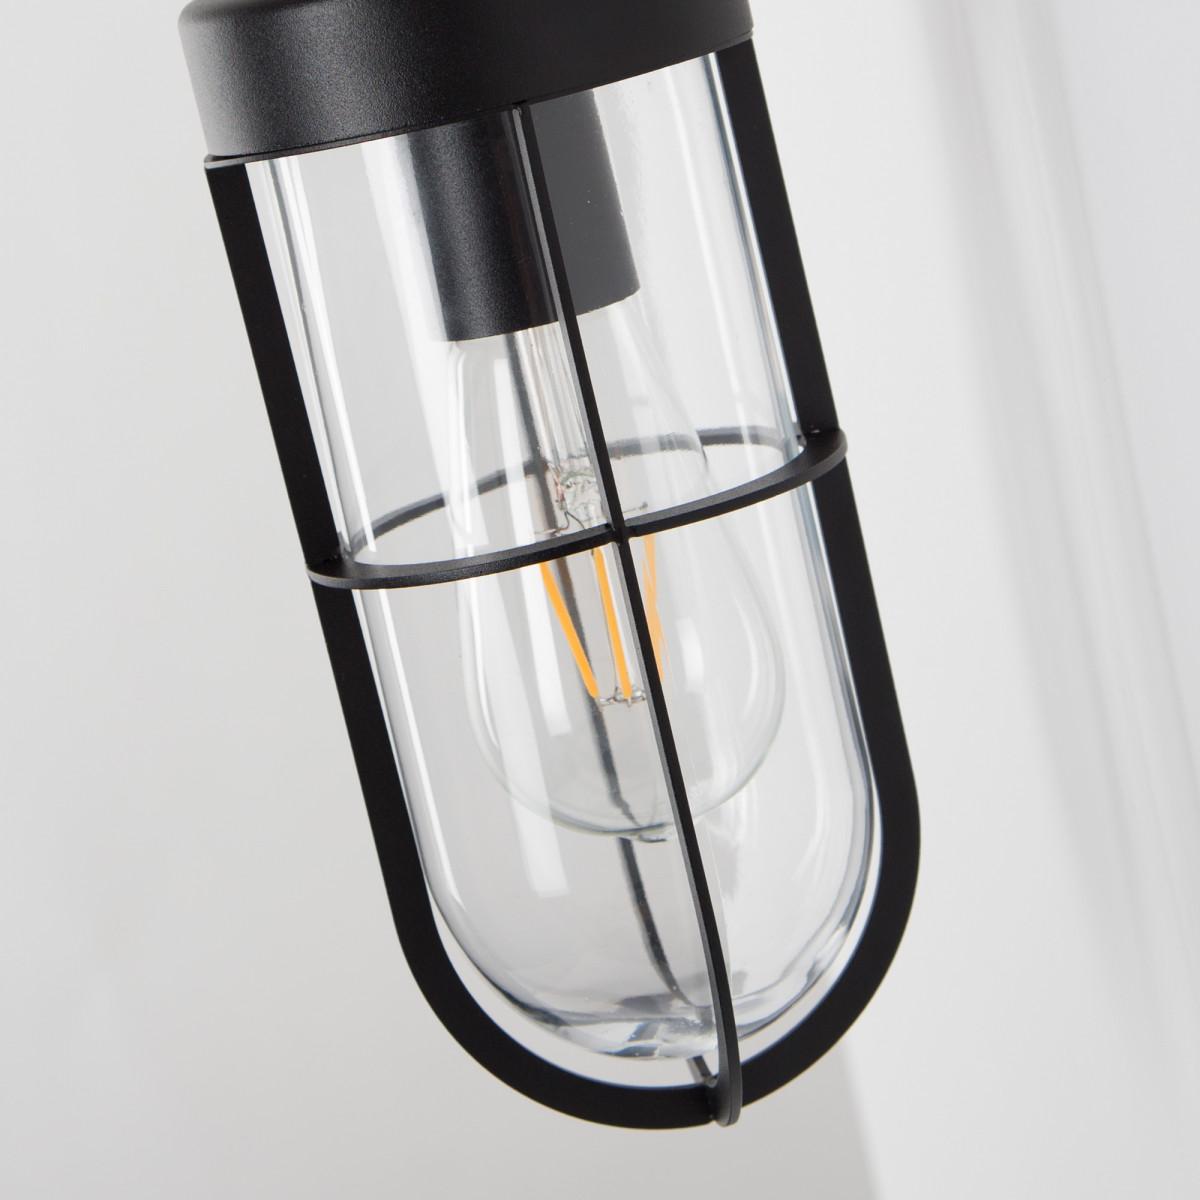 Zwarte buitenlamp Porto, moderne buitenmuur verlichting, type stallamp met glazen stolp en zwart raster, ronde muurplaat, E27 fitting